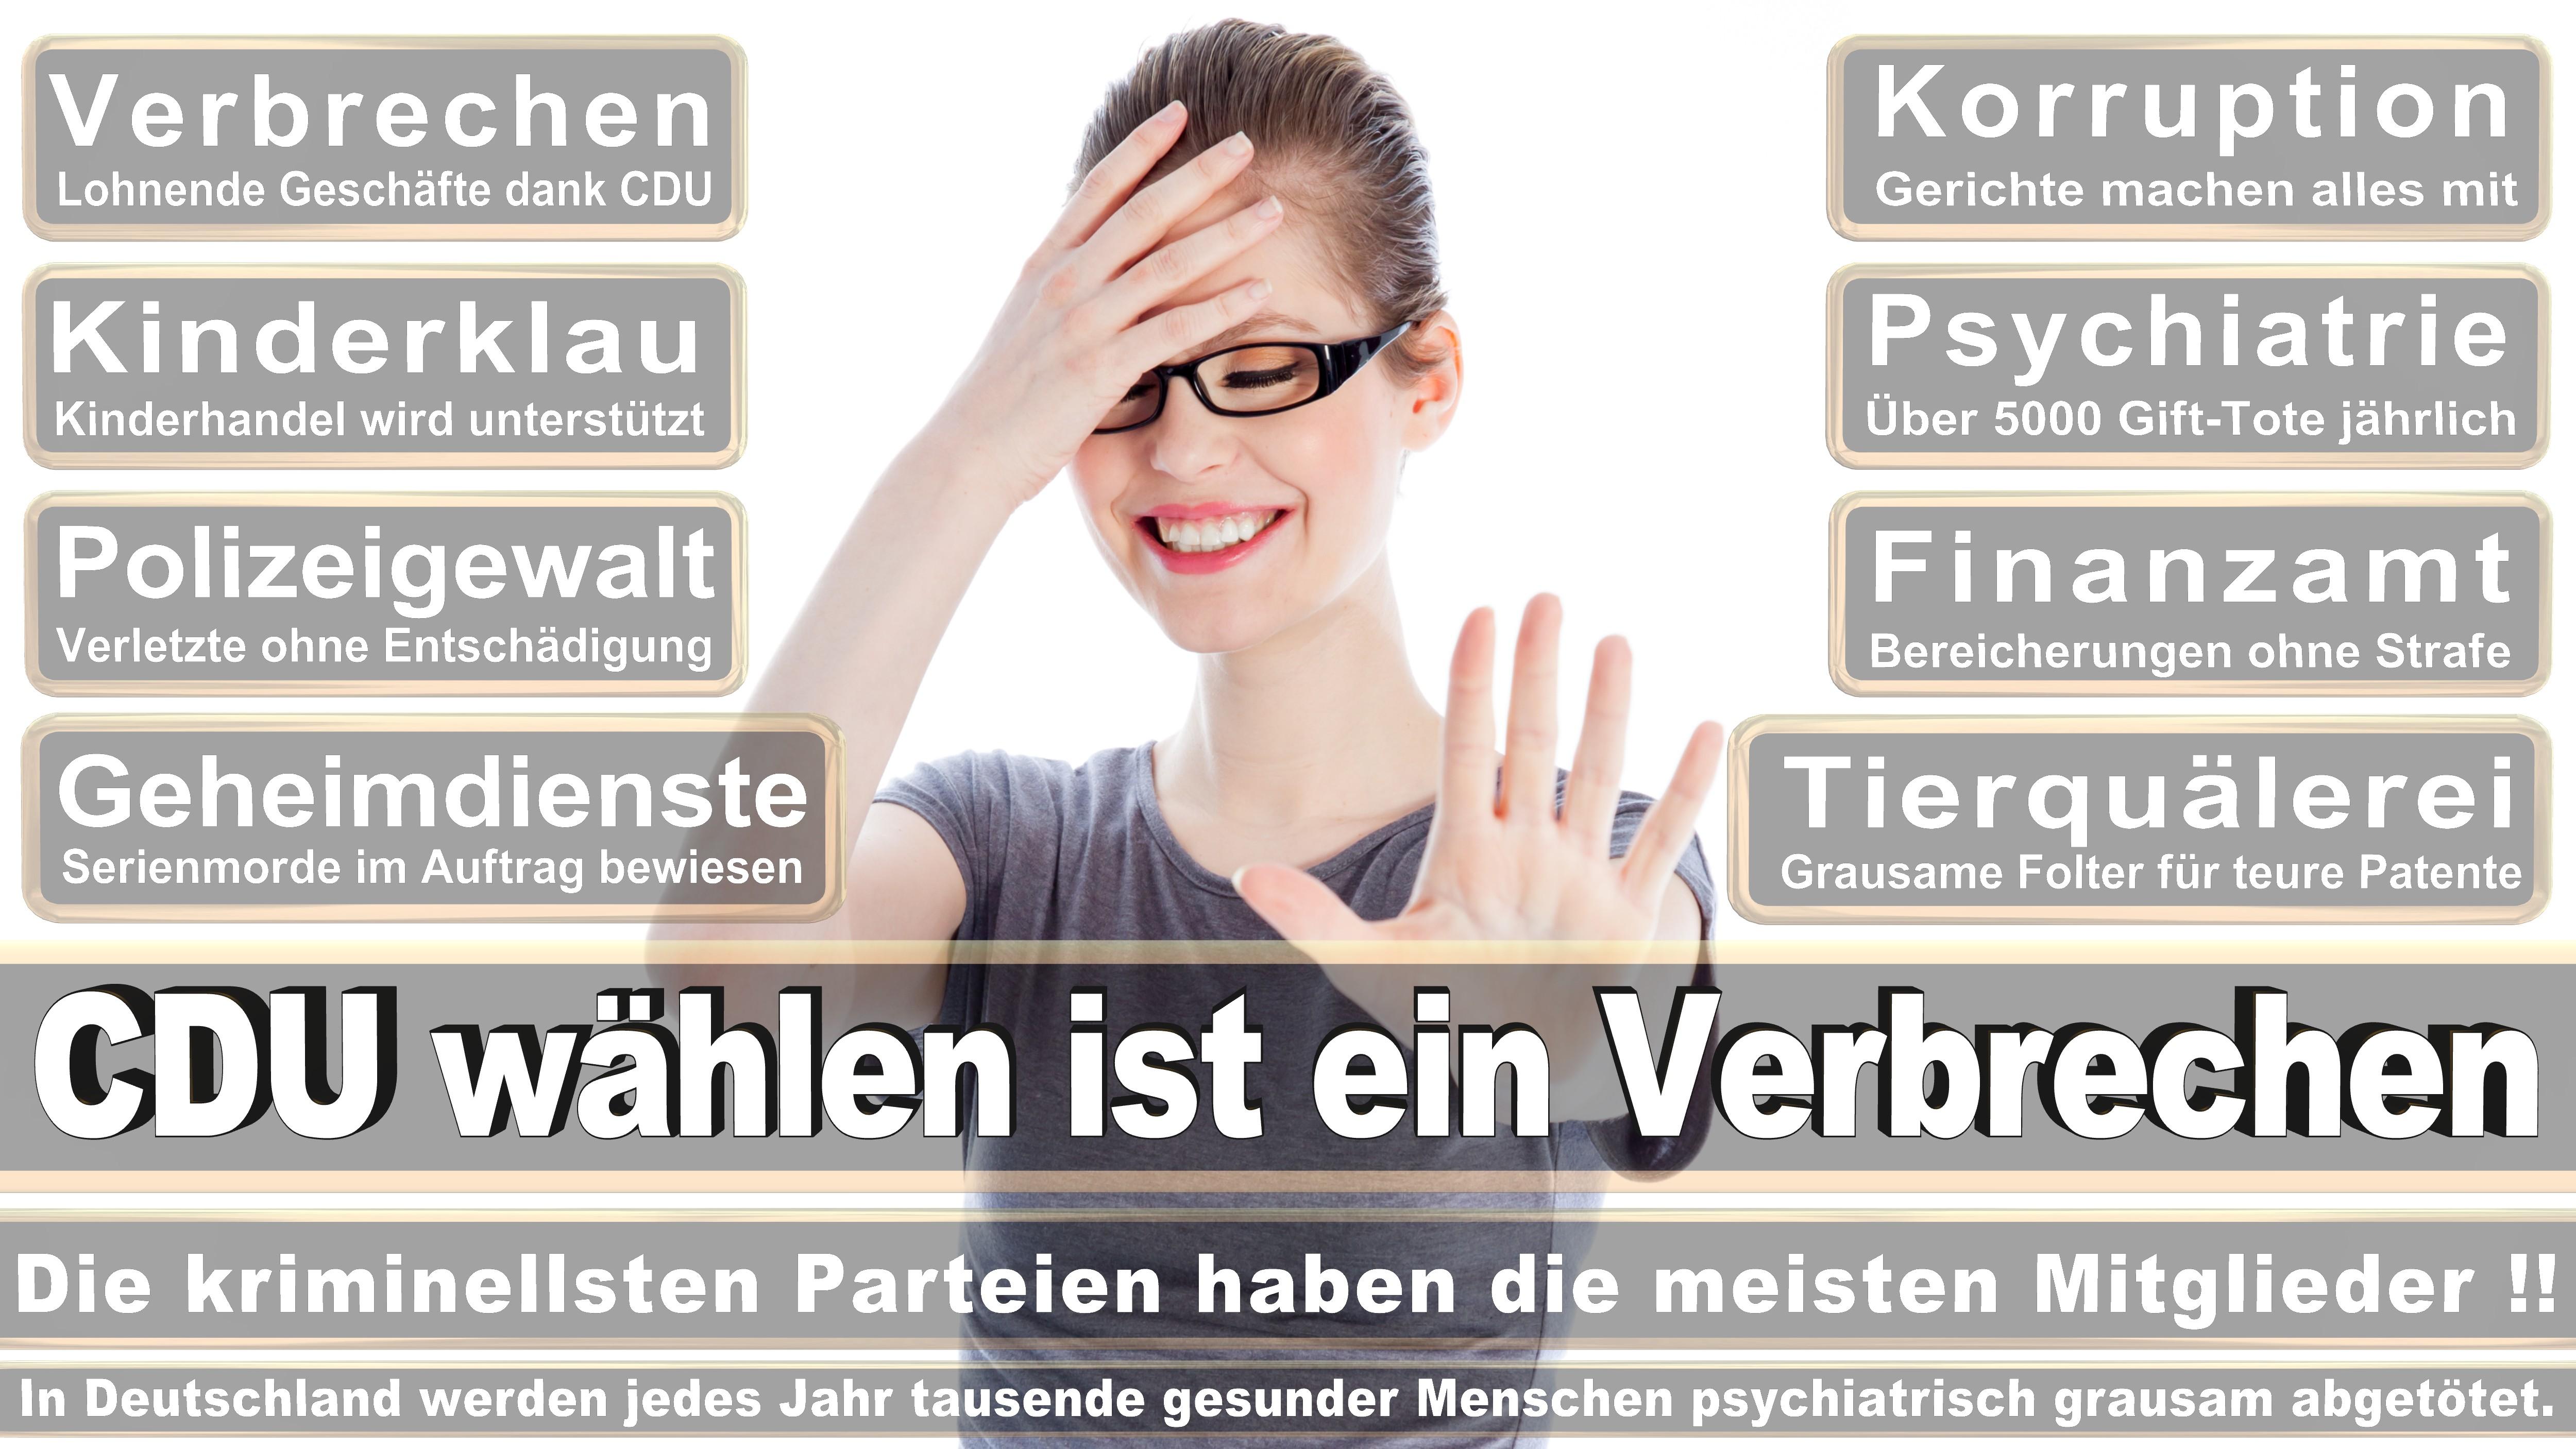 Elisabeth Charlotte Motschmann CDU Bremen Politiker Deutschland